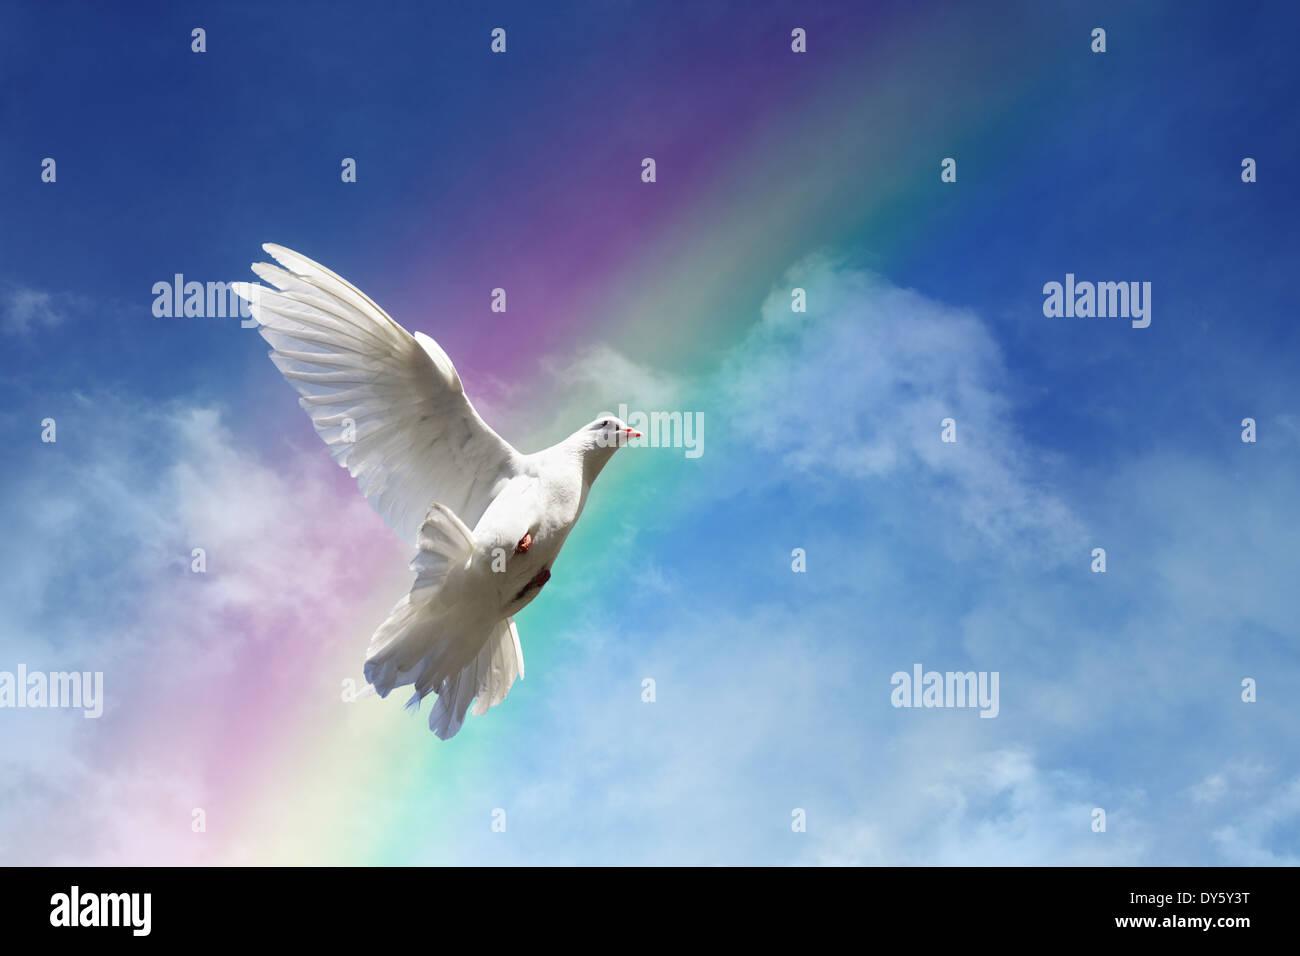 La liberté, la paix et la spiritualité Photo Stock